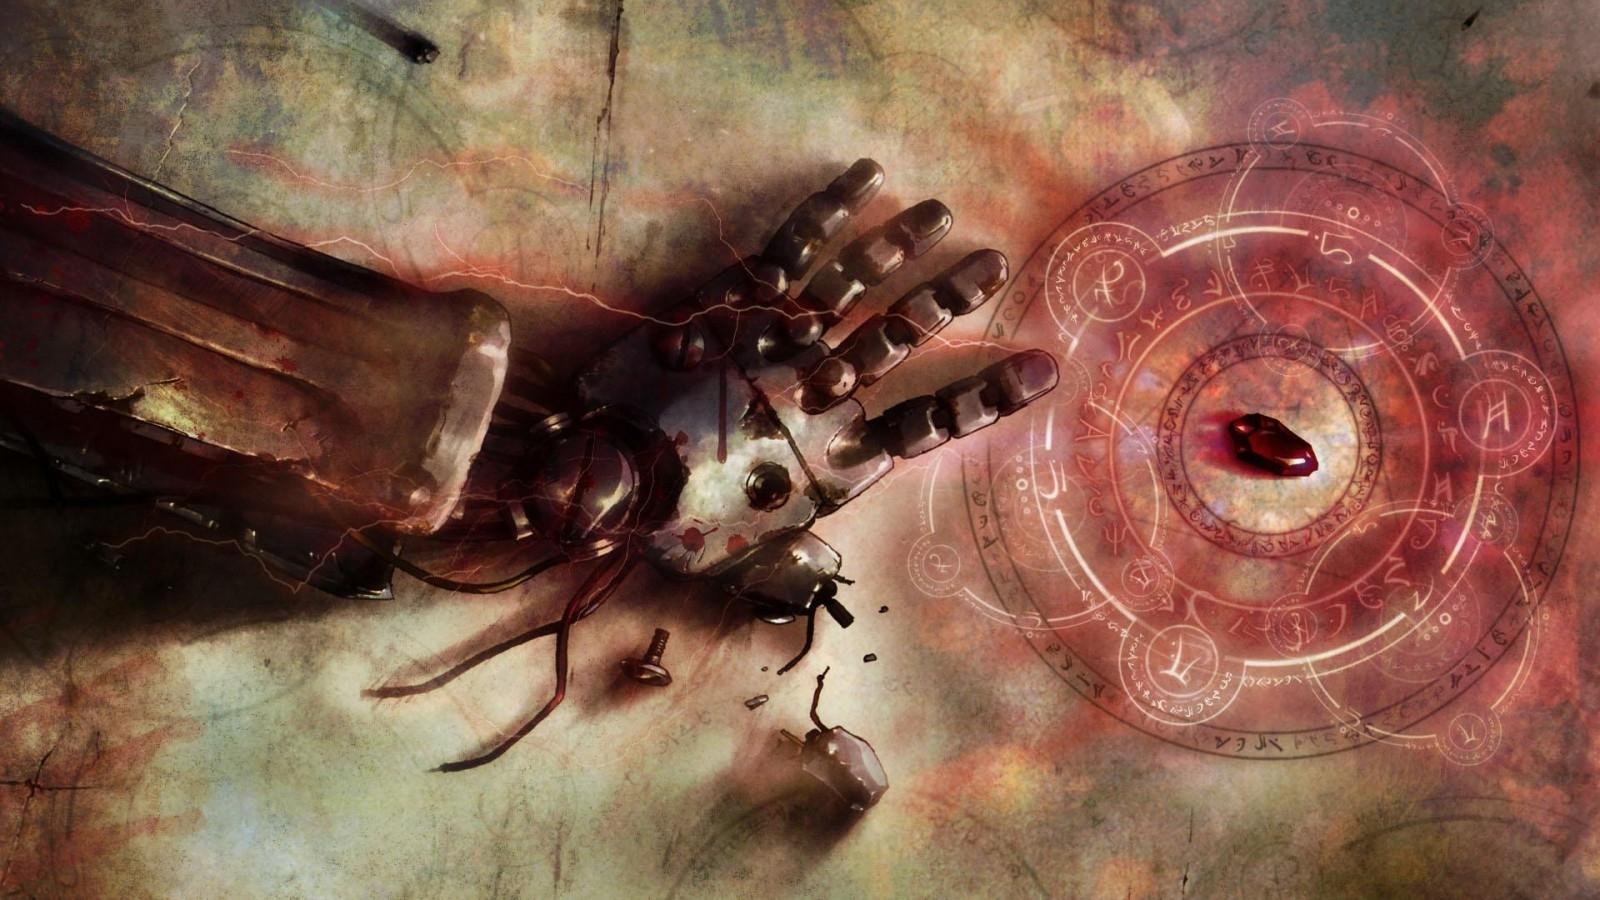 fullmetal alchemist brotherhood wallpaper pc 3918 - hd wallpaper site